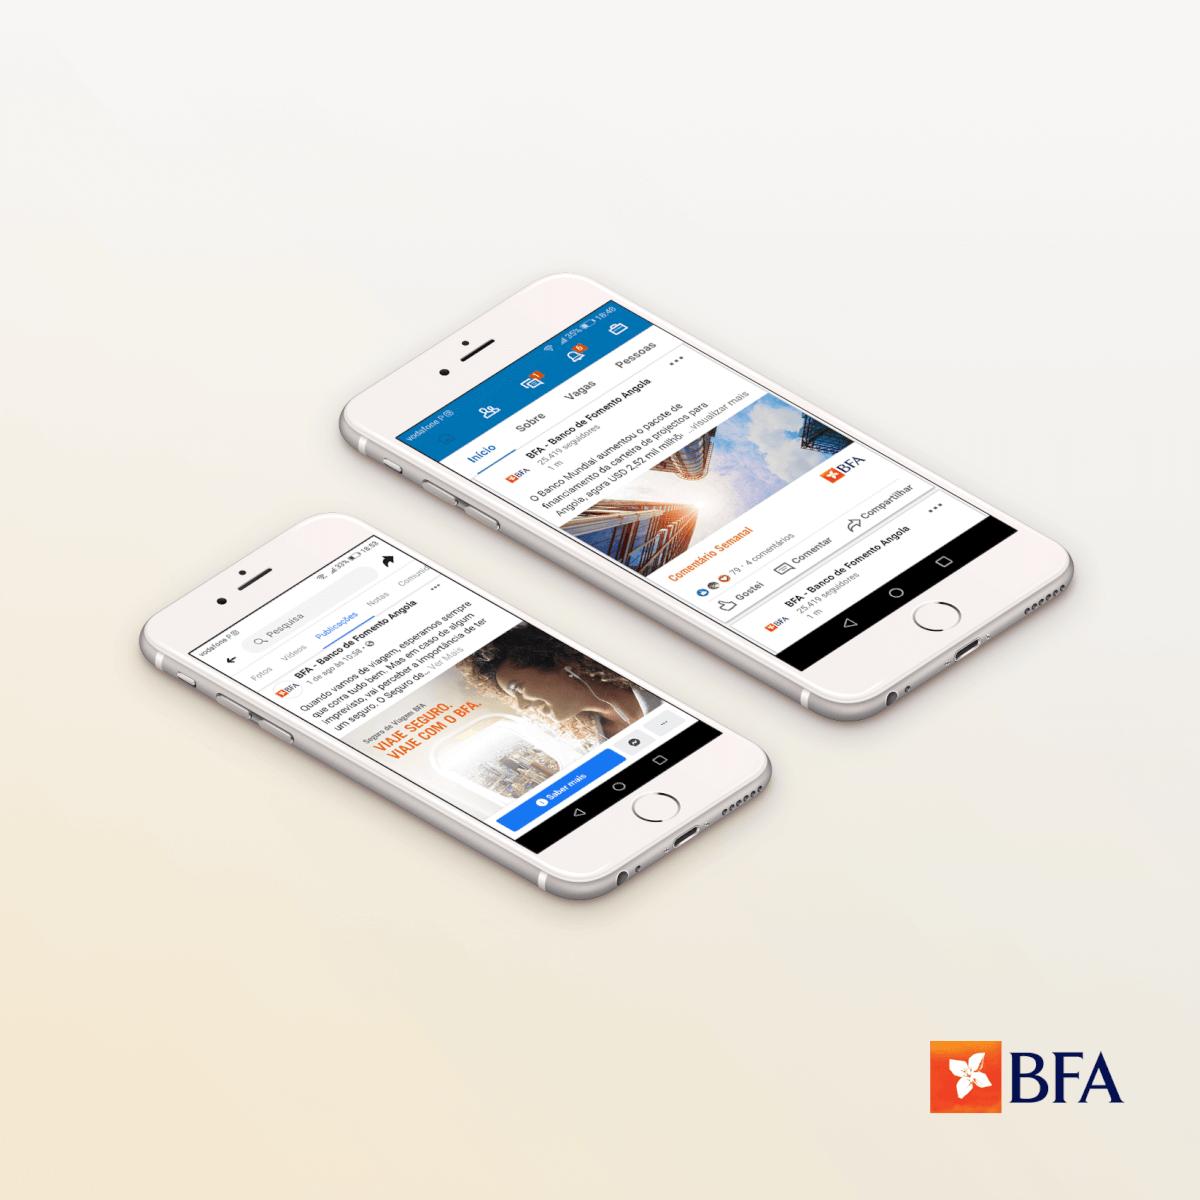 Projeto de Consultoria em Marketing Digital e Redes Sociais para BFA pela Mind Forward, agência de marketing digital